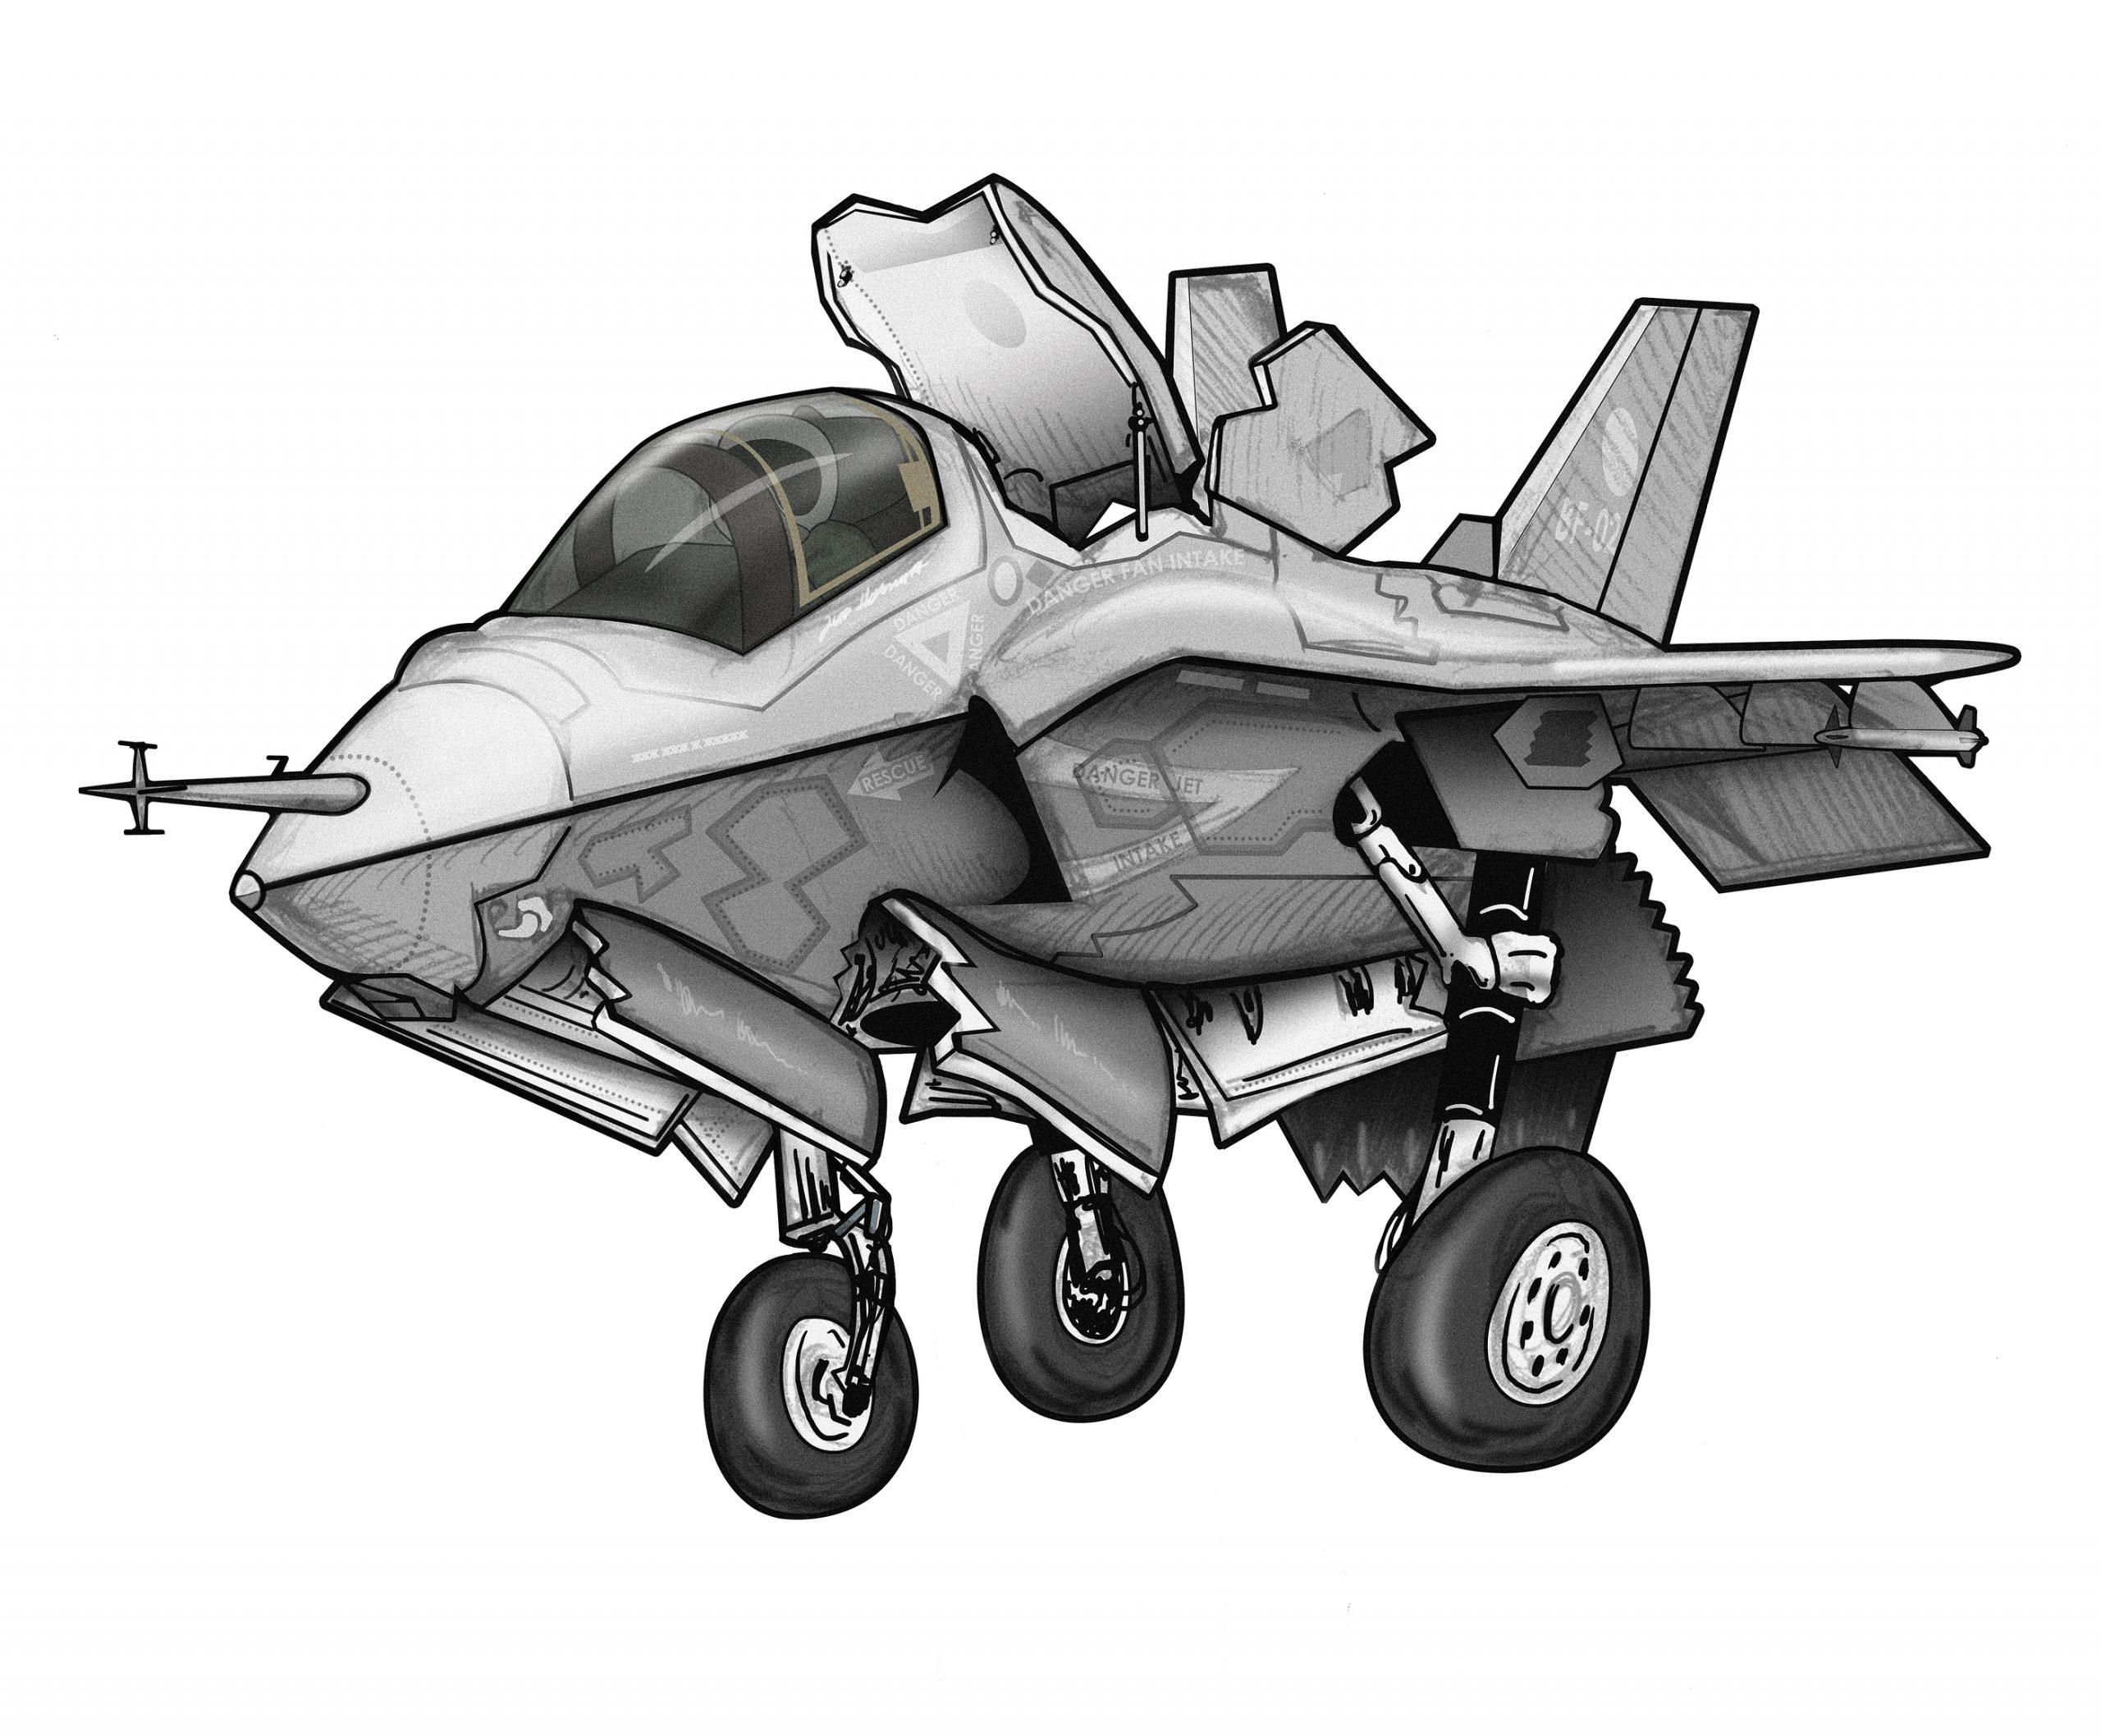 BS_F--B-JSF-Fighter-Jet cartoon_Hobrath_98172650